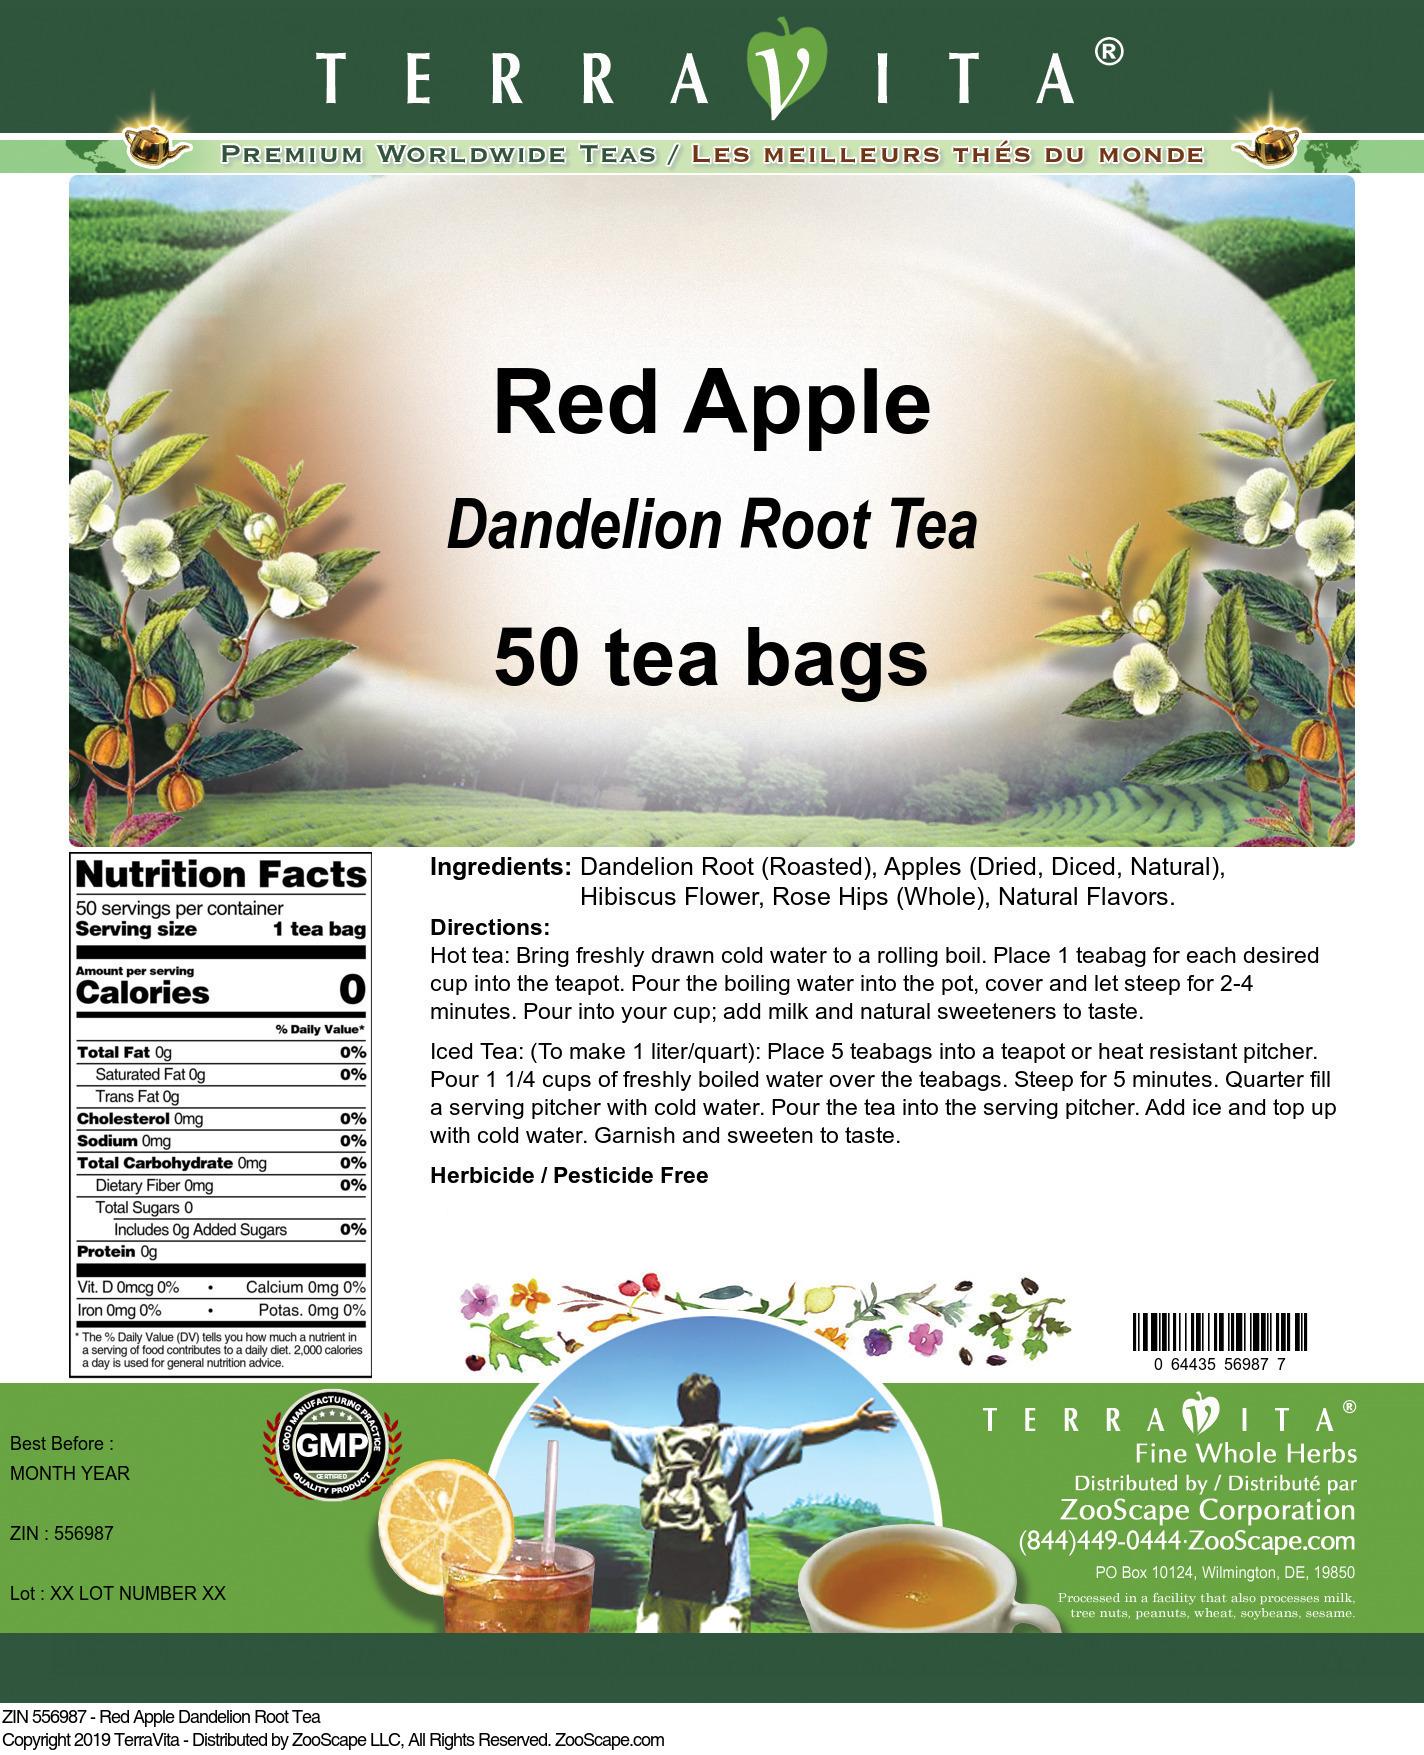 Red Apple Dandelion Root Tea